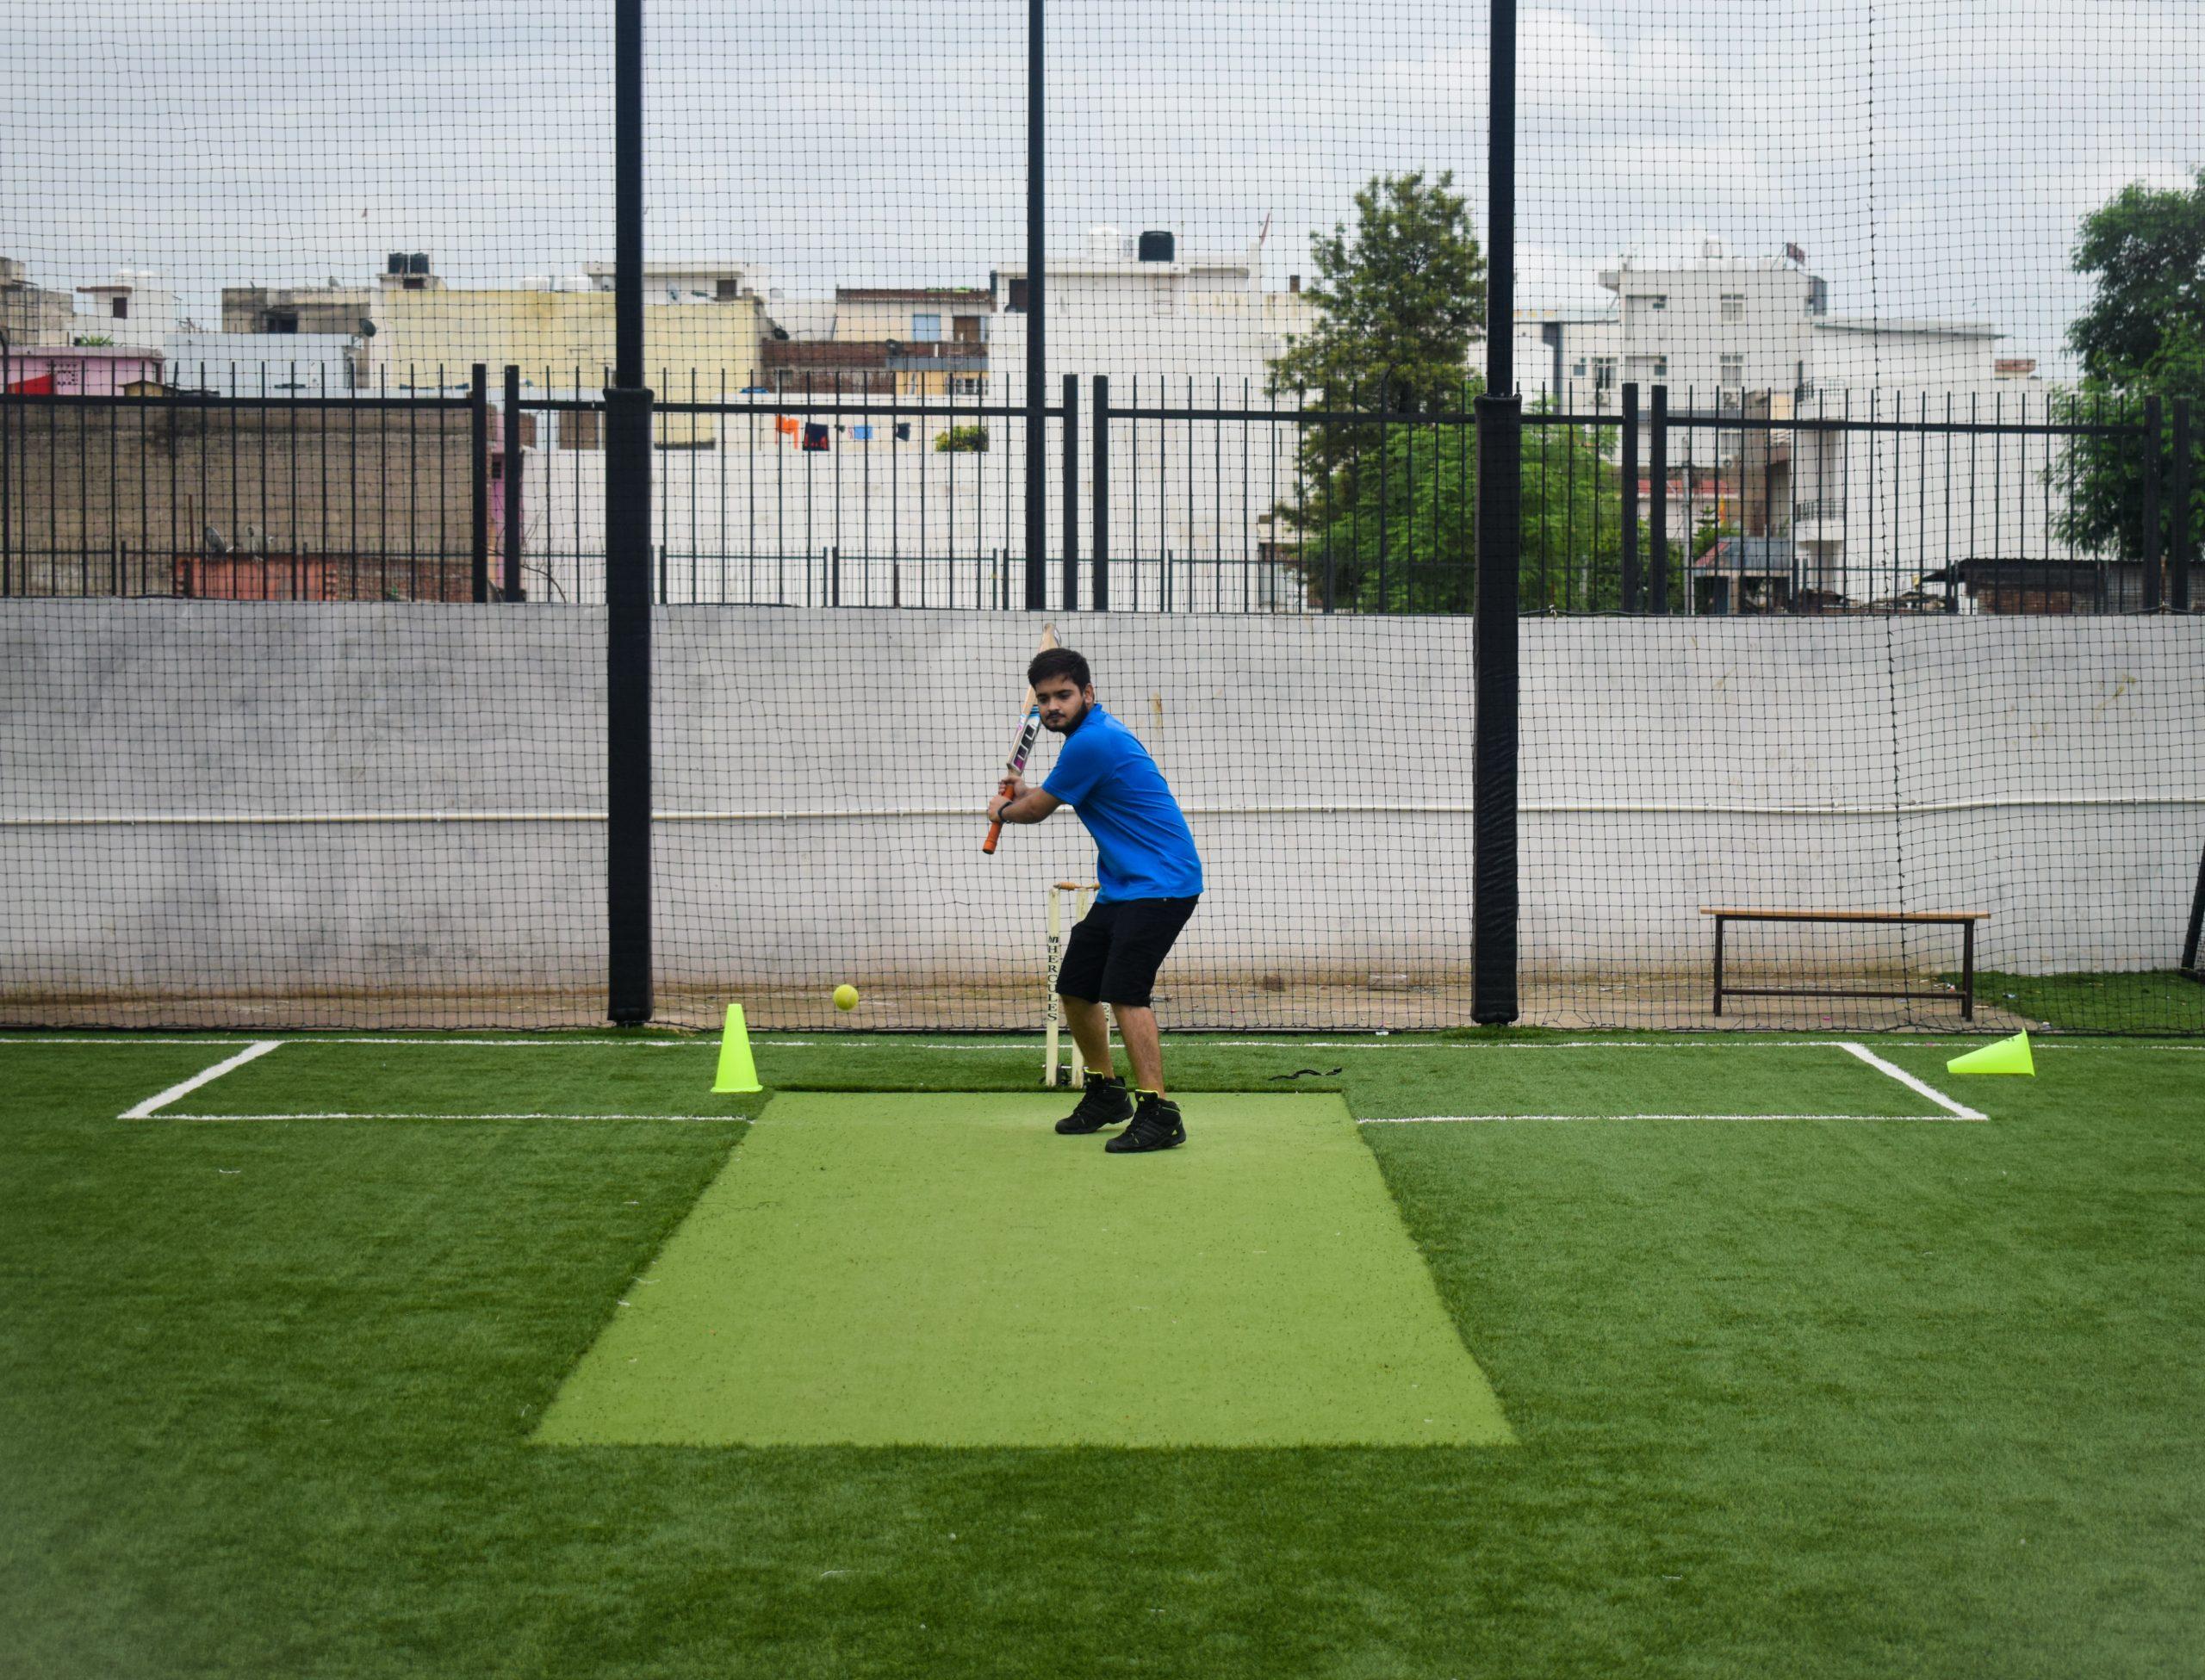 A batsman playing a shot.